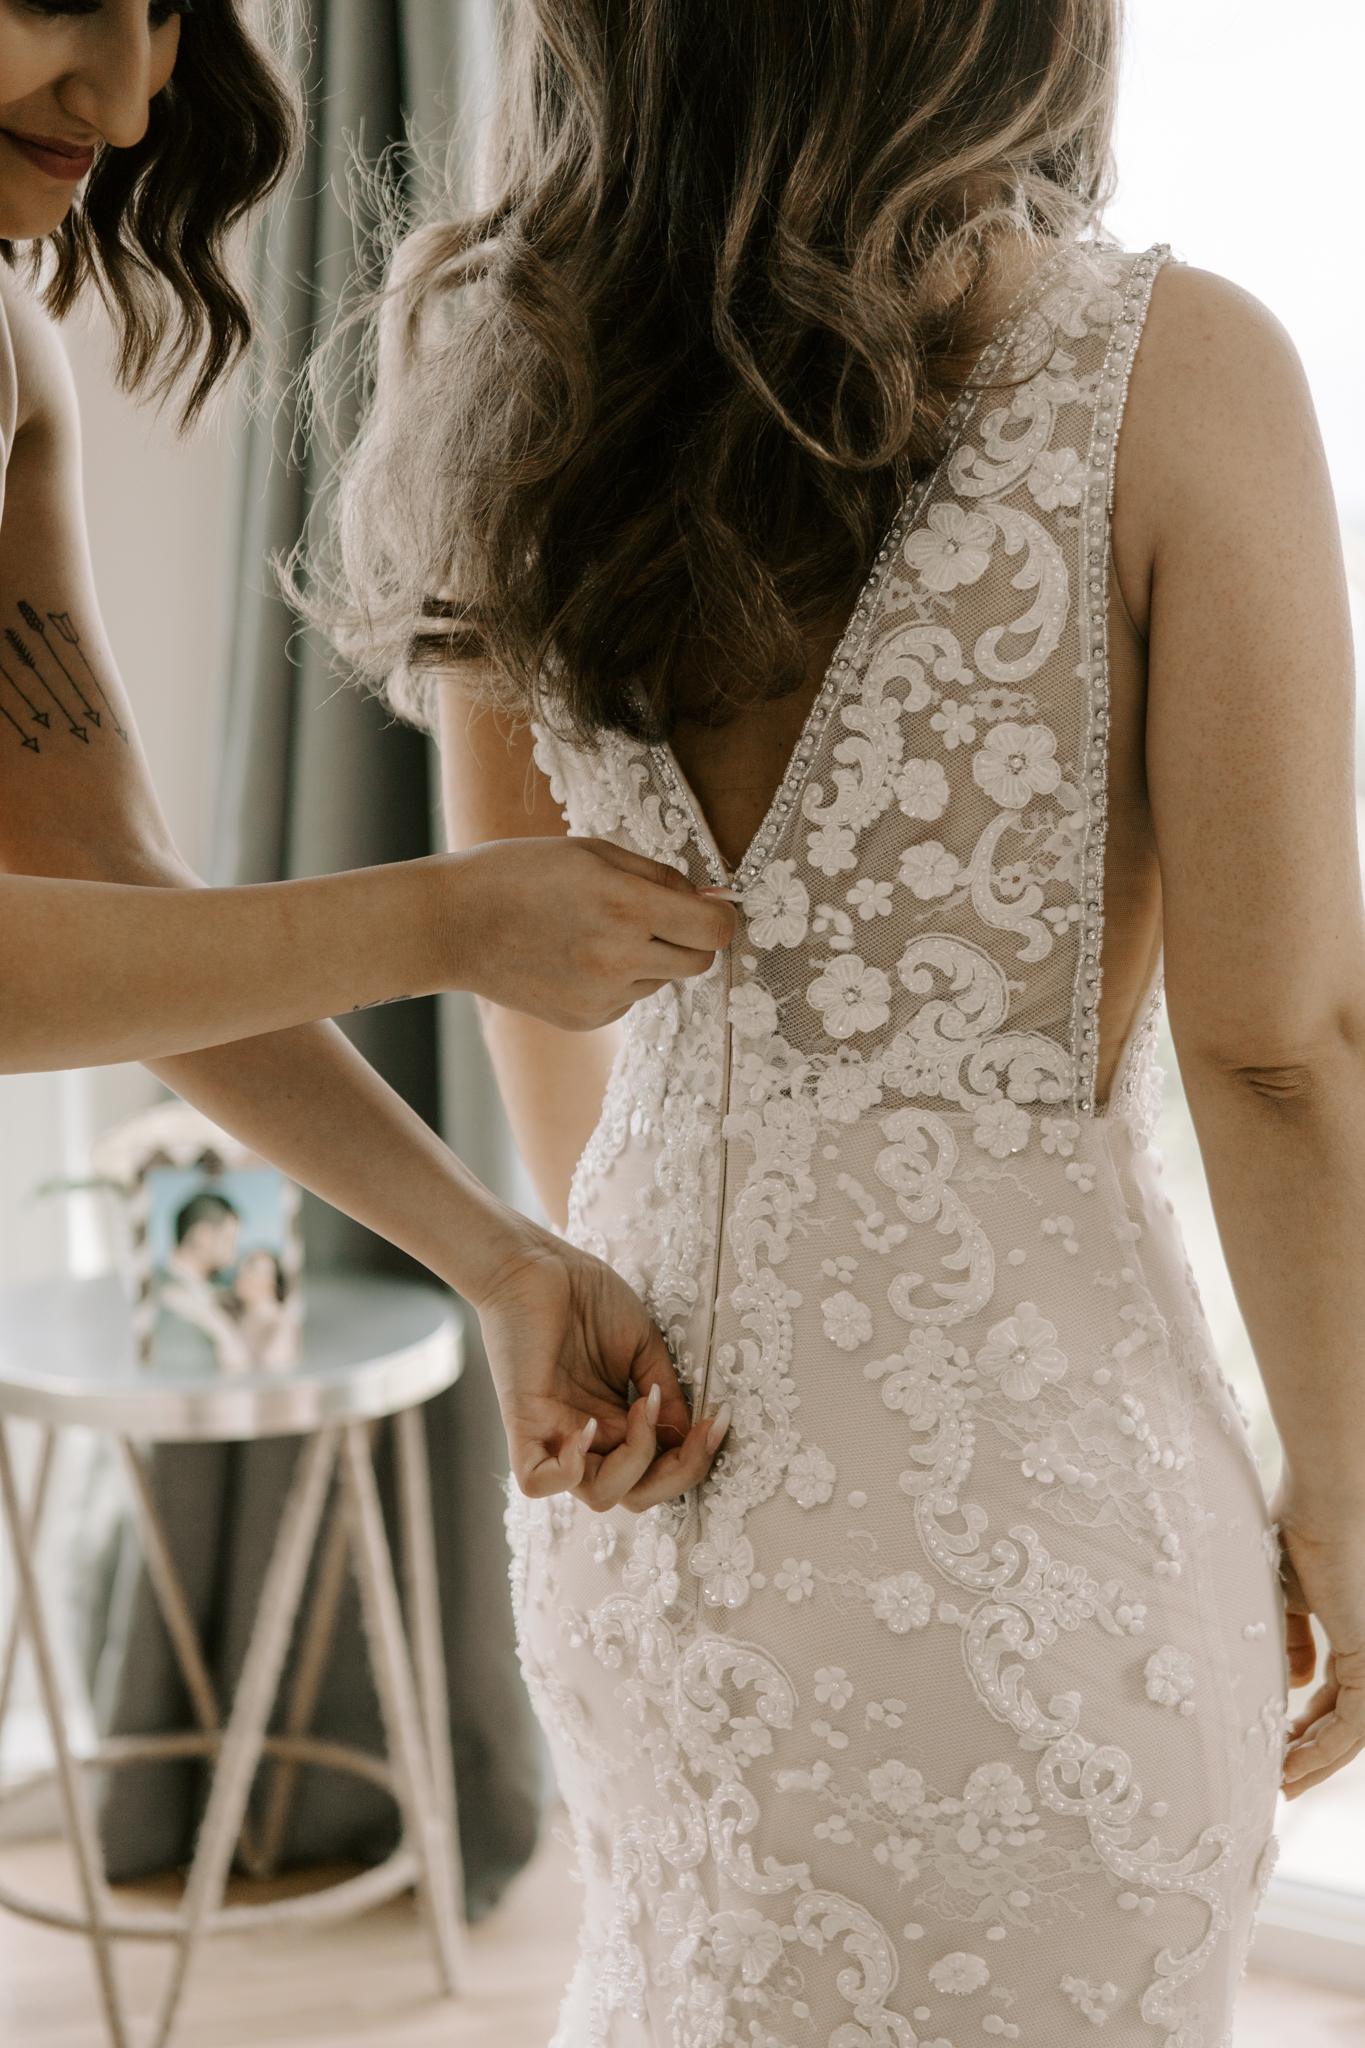 Zipping up bride's dress